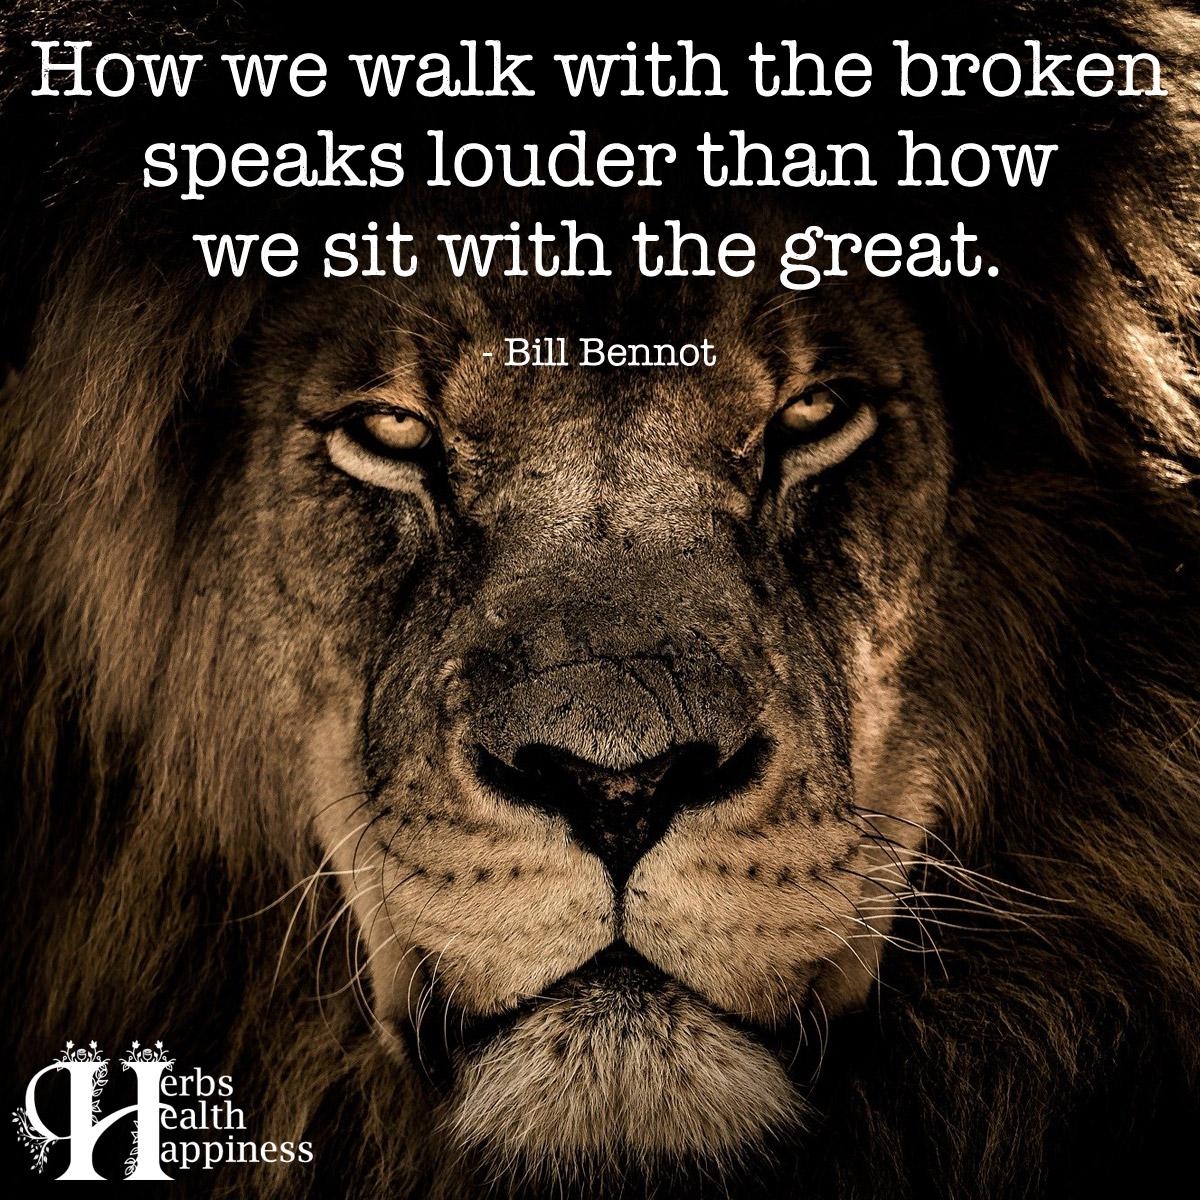 How We Walk With The Broken